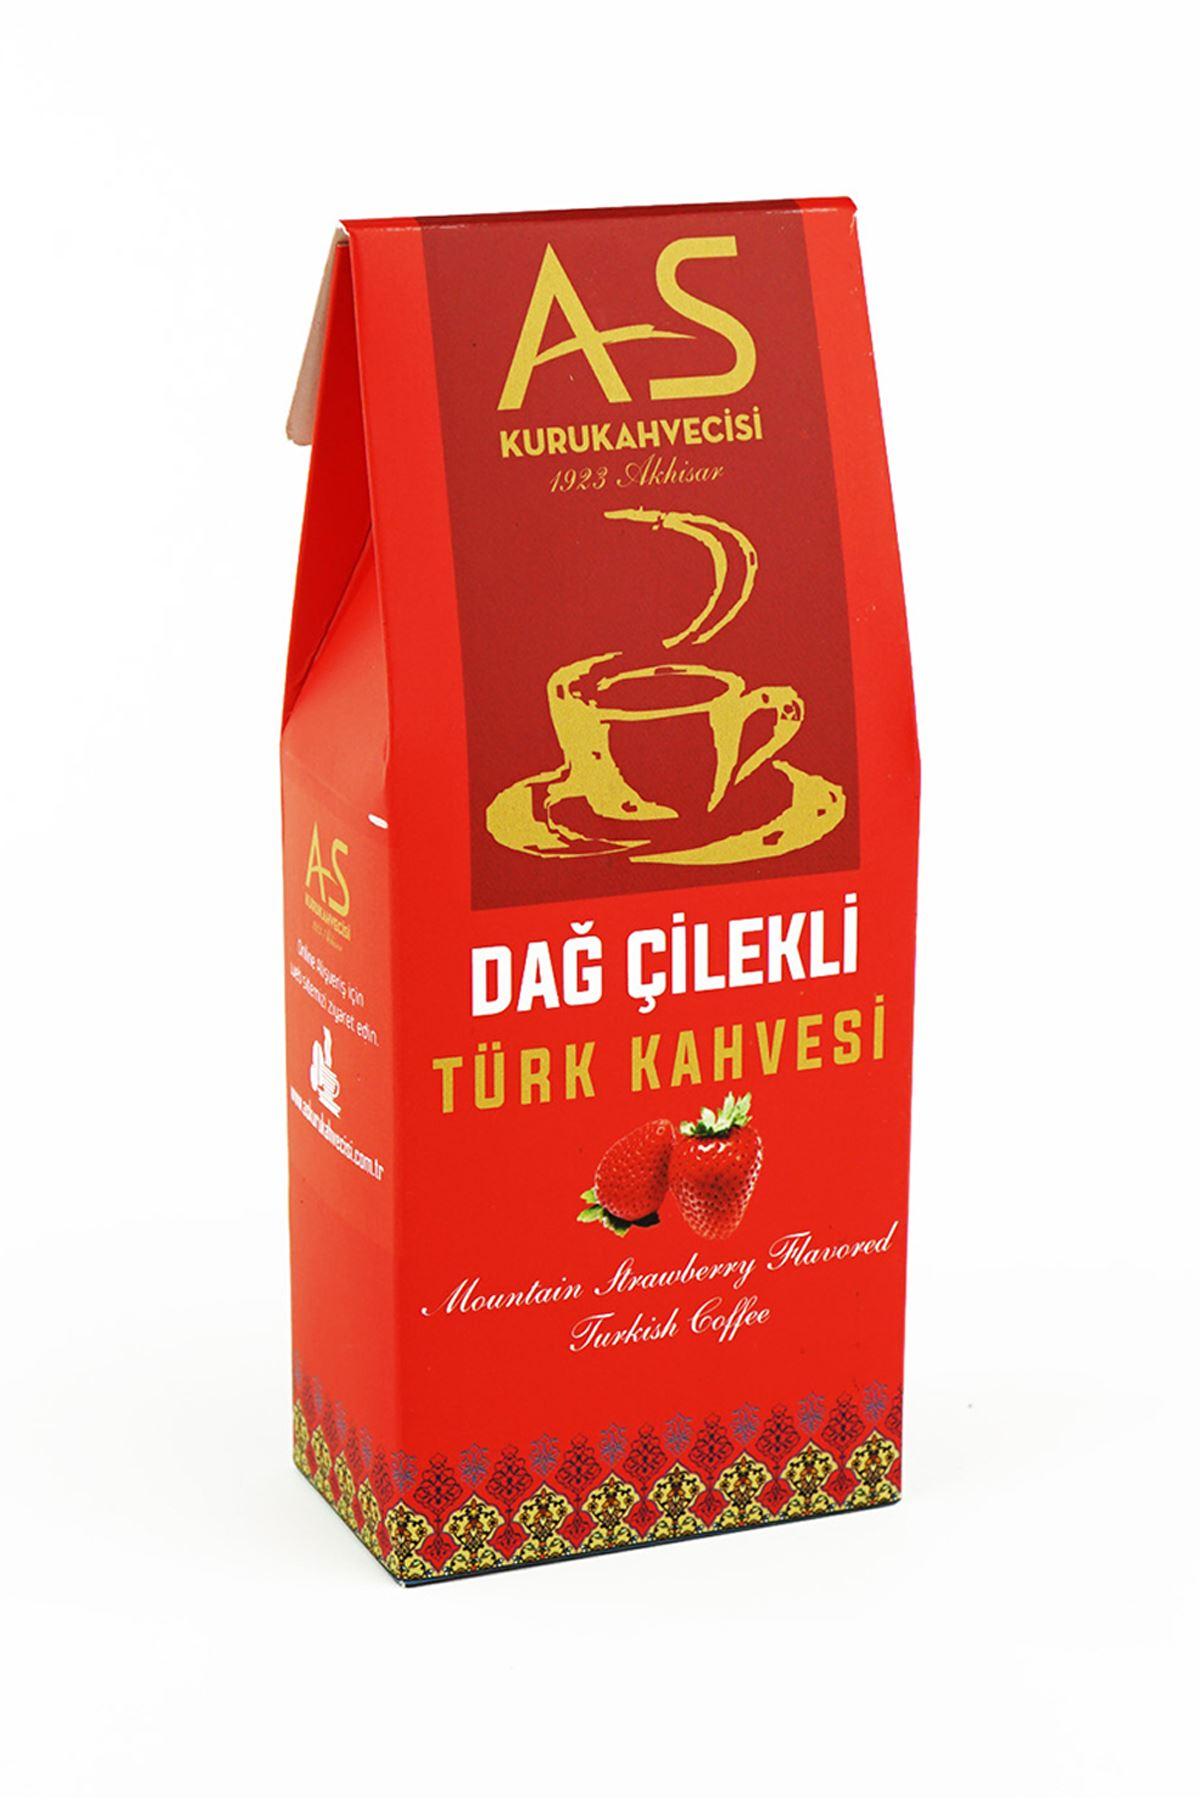 Dağ Çilekli Türk Kahvesi 100 gr. Kutu